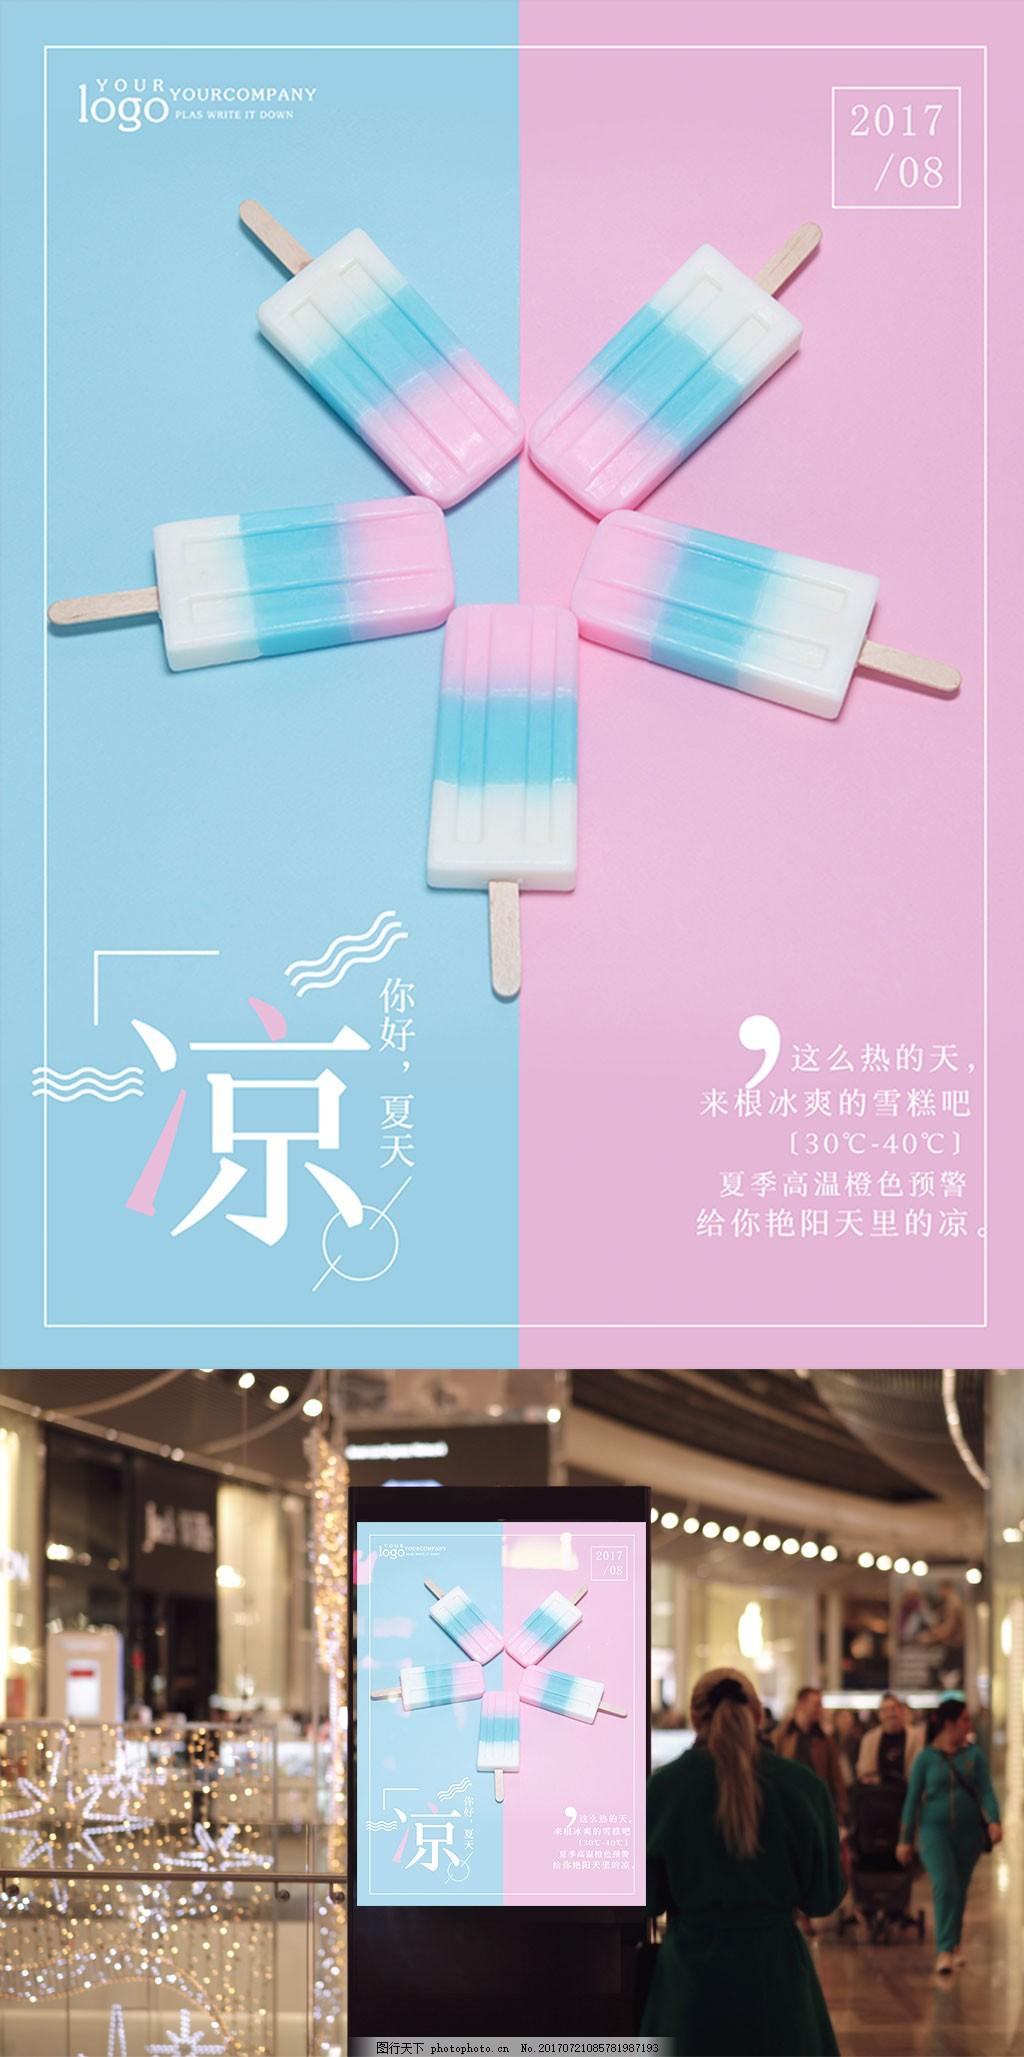 超清新雪糕夏日凉爽海报 盛夏 清凉 炎热 夏季 冰棒 冰激凌 冰淇淋